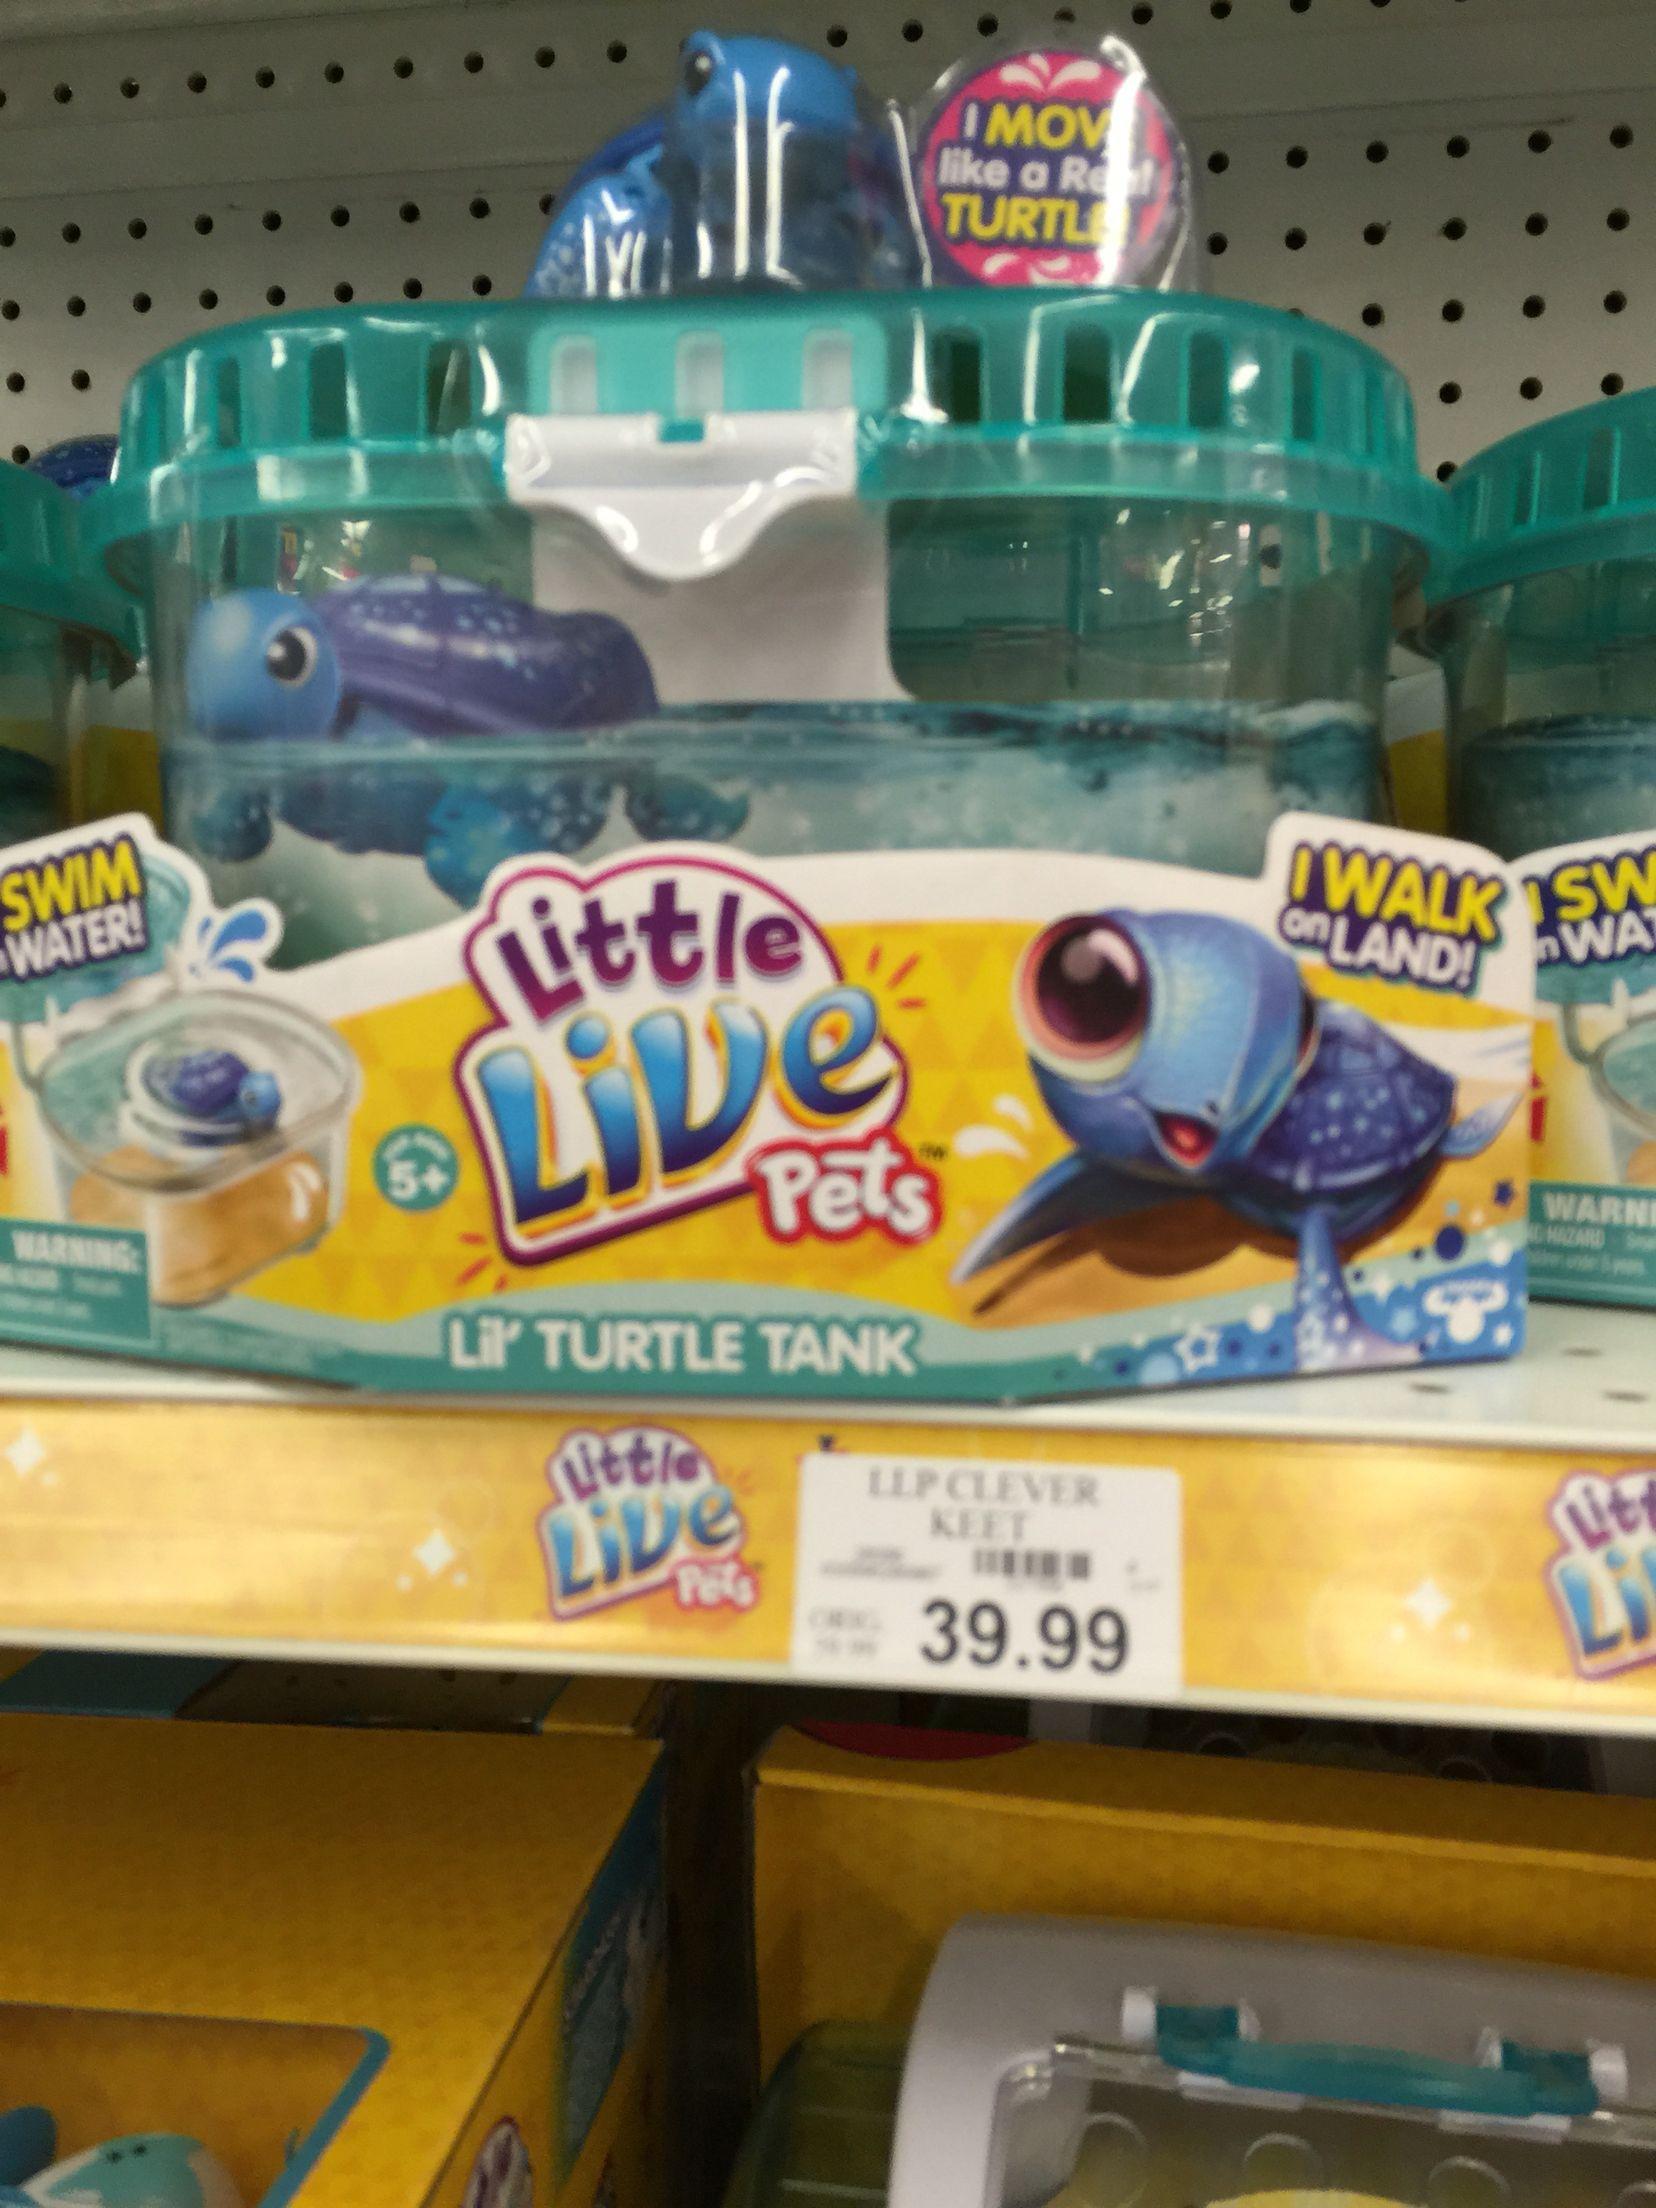 Little Live Pets Turtle Toys R Us Little Live Pets Pet Turtle